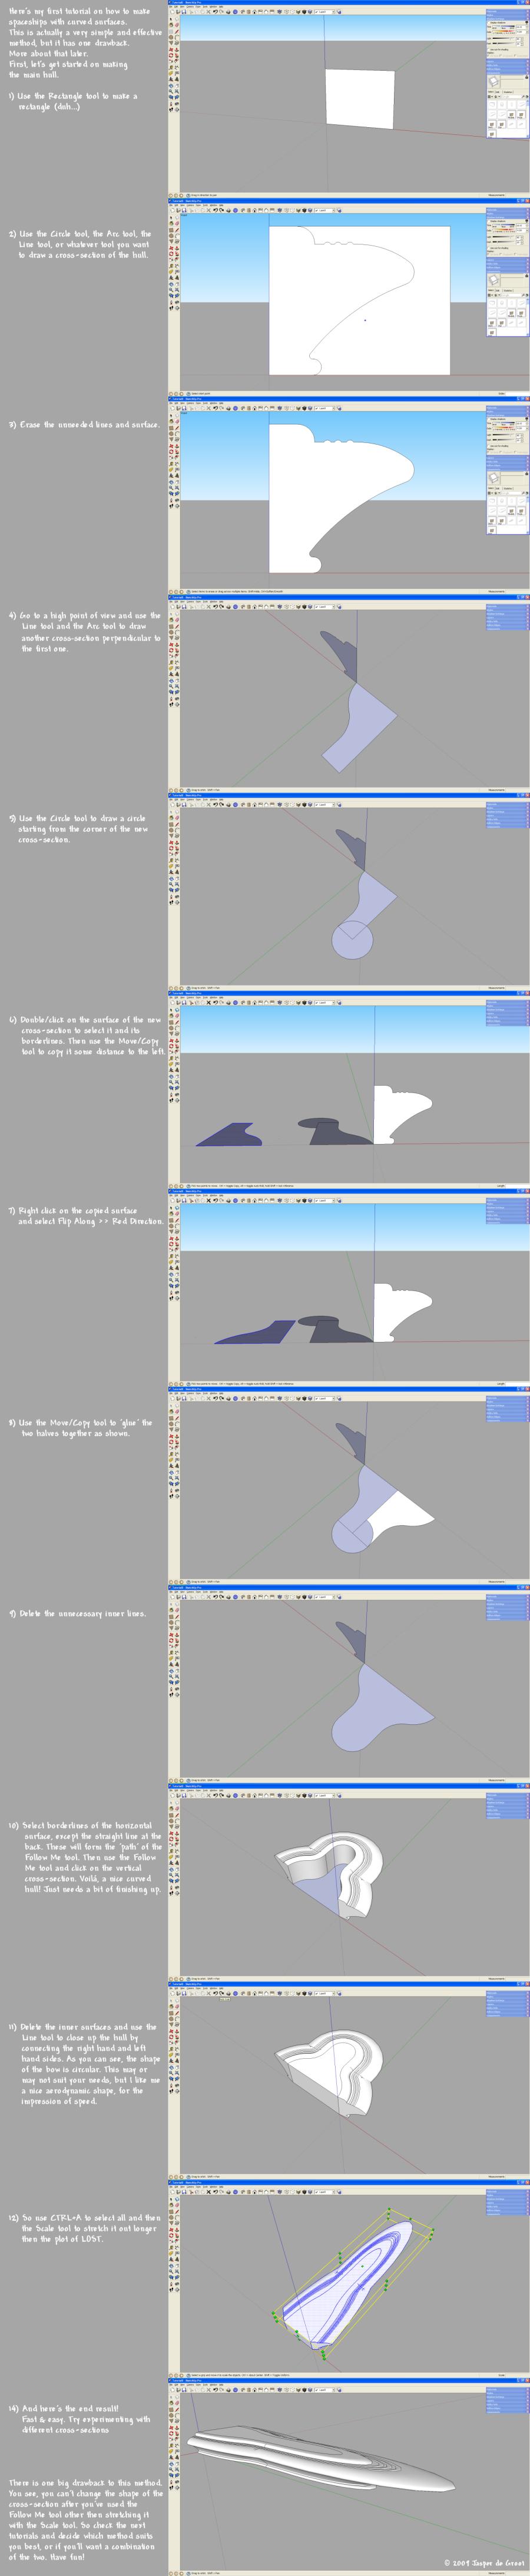 Spaceship Hull Tutorial Pt 1 by Ywander